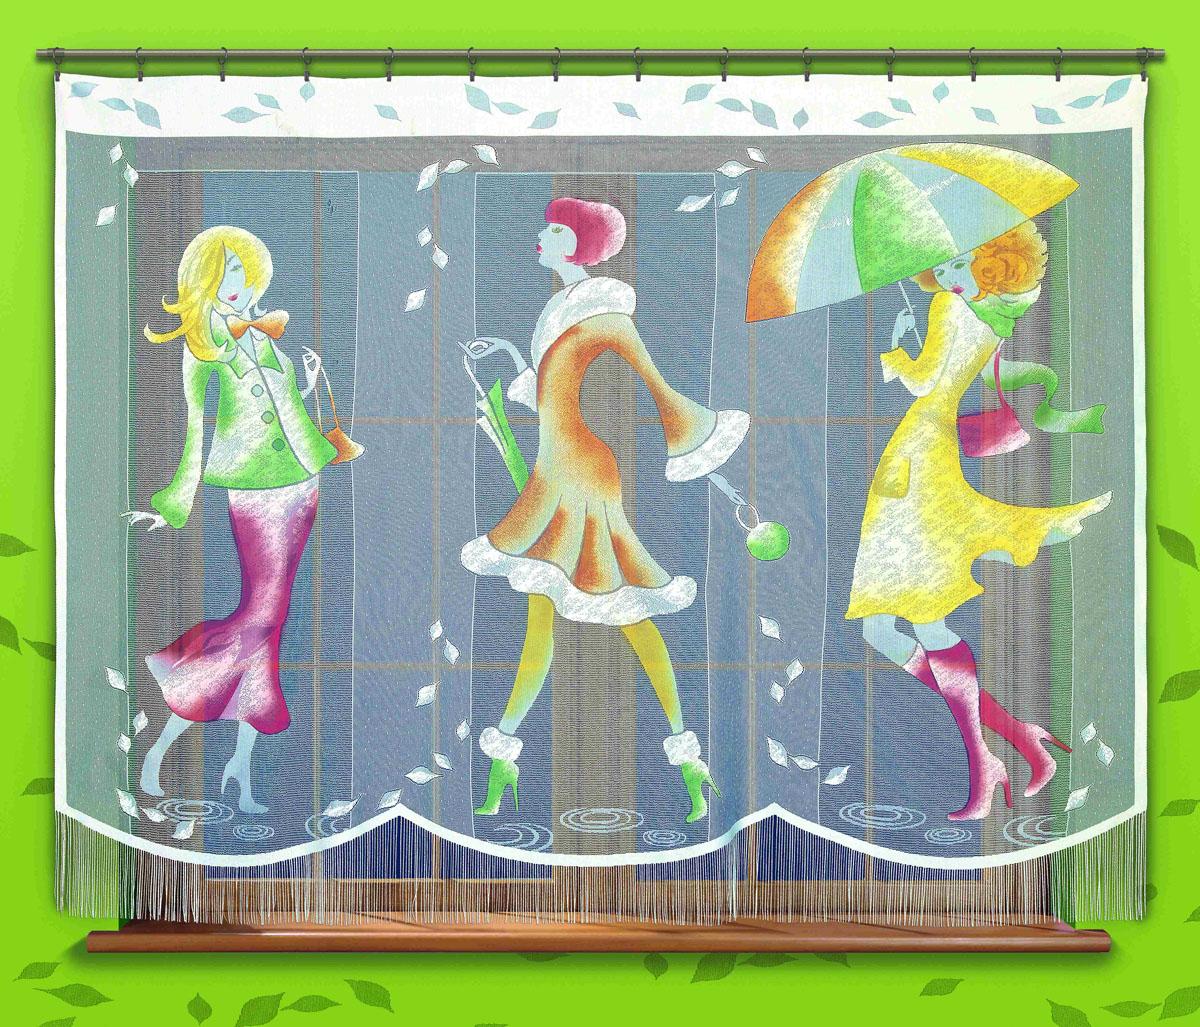 Гардина Pory Roku, цвет: белый, высота 180 см723942Оригинальная гардина Pory Roku, изготовленная из полиэстера белого цвета, станет великолепным украшением любого окна. Яркий принт в виде девушек и украшение в виде бахромы привлекут к себе внимание и органично впишутся в интерьер комнаты. Верхняя часть гардины не оснащена креплениями. Характеристики: Материал: 100% полиэстер. Размер упаковки: 27 см х 34 см х 4 см. Артикул: 723942. В комплект входит: Гардина - 1 шт. Размер (Ш х В): 250 см х 180 см. Фирма Wisan на польском рынке существует уже более пятидесяти лет и является одной из лучших польских фабрик по производству штор и тканей. Ассортимент фирмы представлен готовыми комплектами штор для гостиной, детской, кухни, а также текстилем для кухни (скатерти, салфетки, дорожки, кухонные занавески). Модельный ряд отличает оригинальный дизайн, высокое качество. Ассортимент продукции постоянно пополняется.